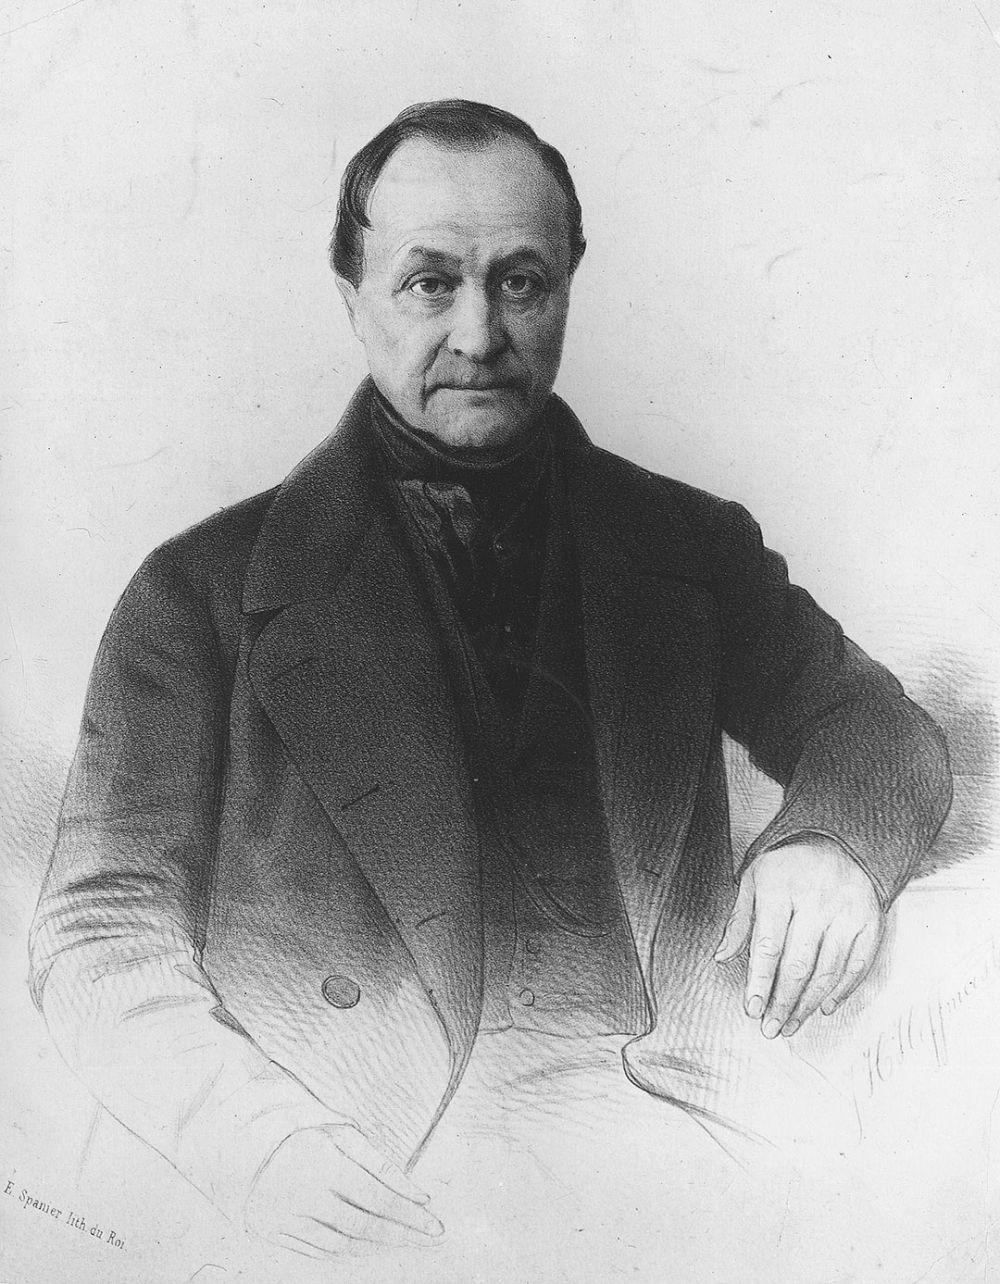 Nhà văn hóa Hữu Ngọc: Auguste Comte nghĩ gì?